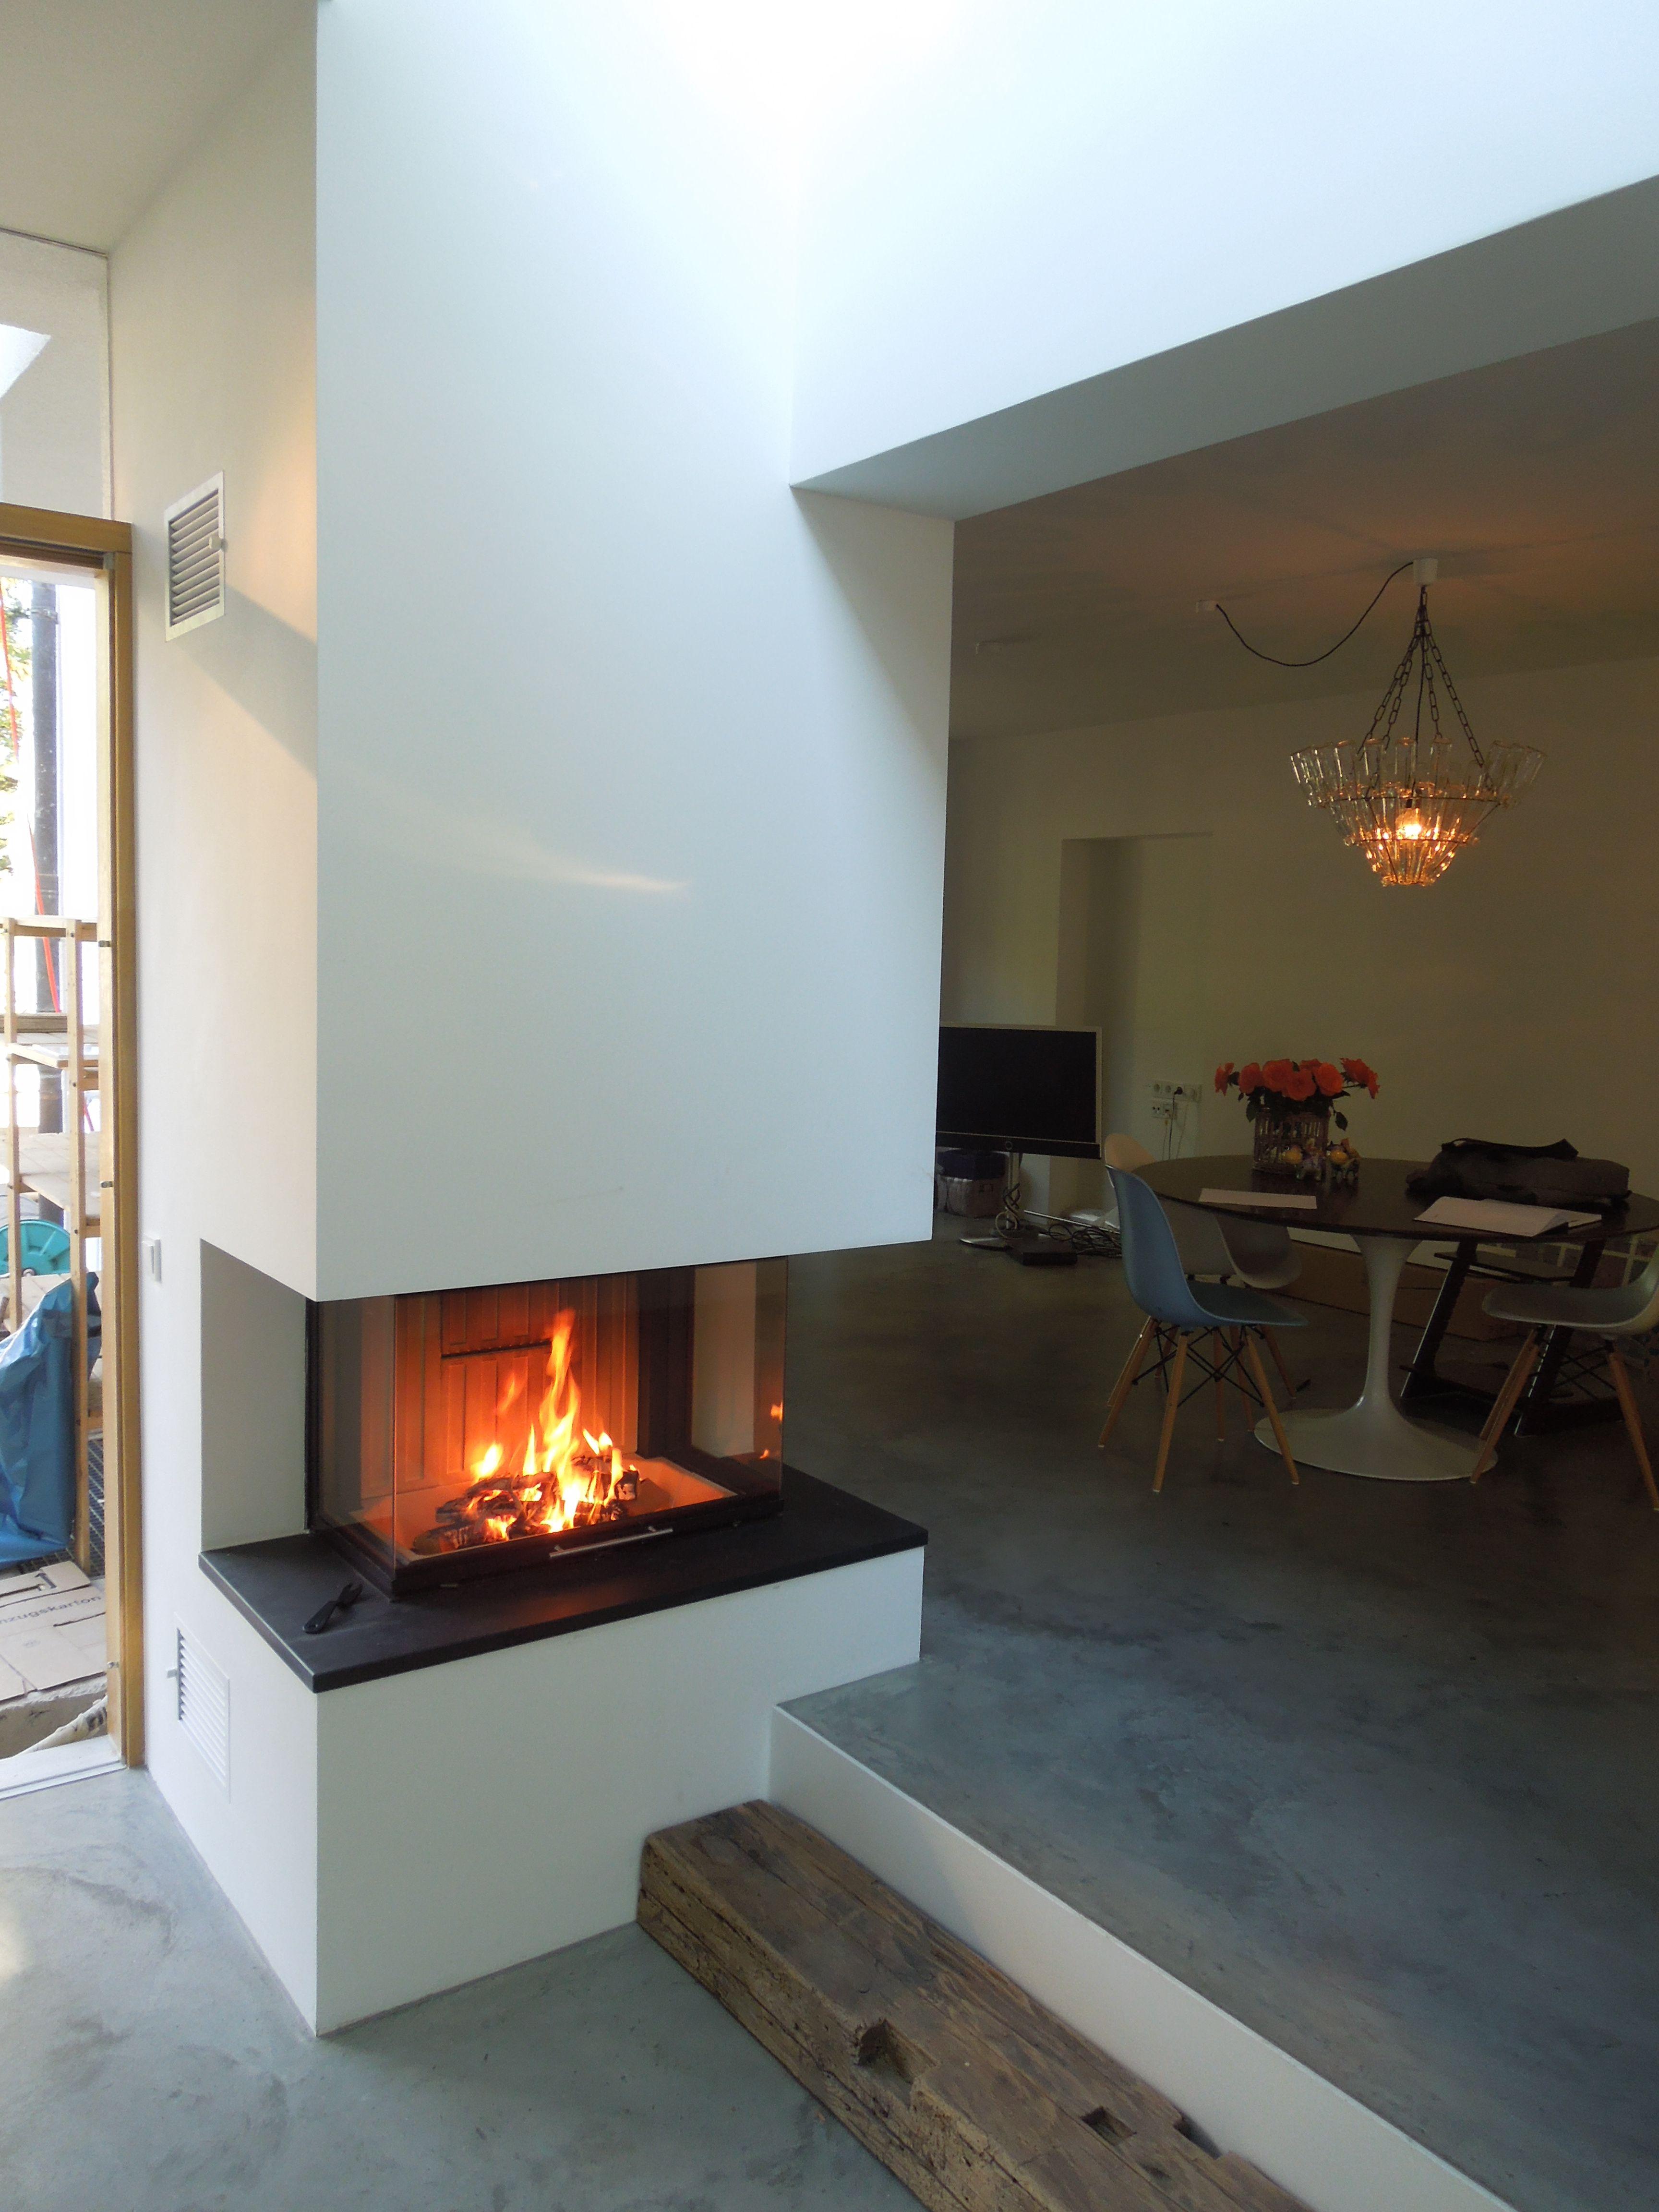 Panorama Kamin In Treppe Integriert. Schlicht Weiß Gemauert Mit Einem  Feuertisch Aus Anthrazitfarbigem Naturschieferstein